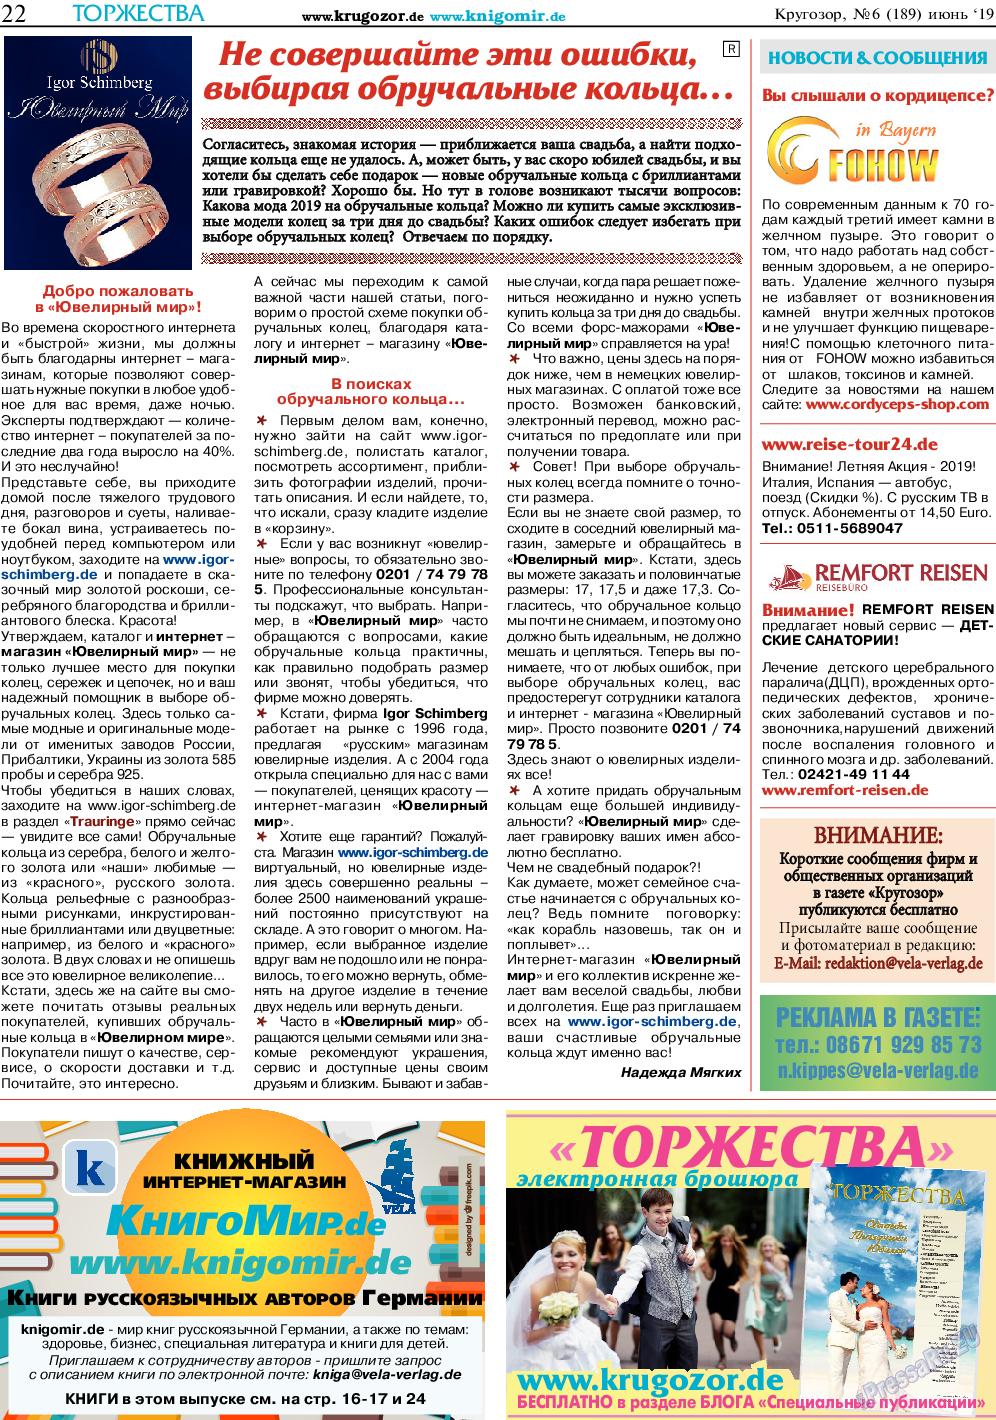 Кругозор (газета). 2019 год, номер 6, стр. 22